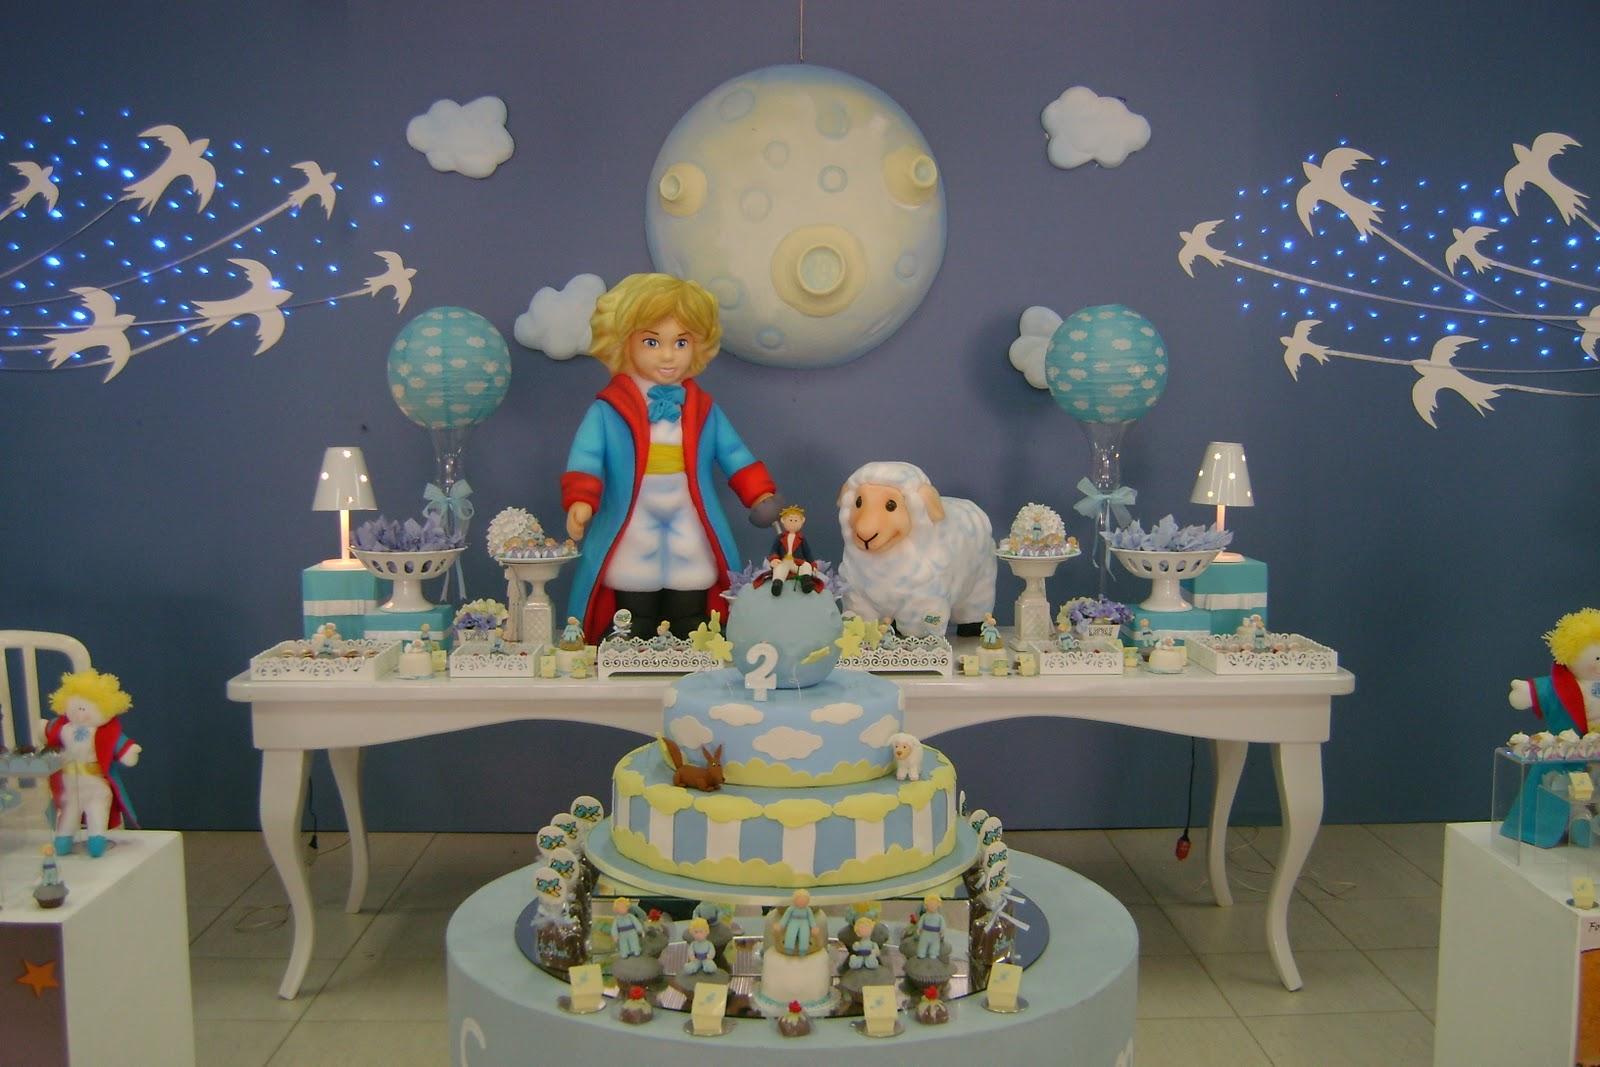 Quarto Infantil O Pequeno Principe ~ Cotidiano Materno Tema de festa  O Pequeno Pr?ncipe